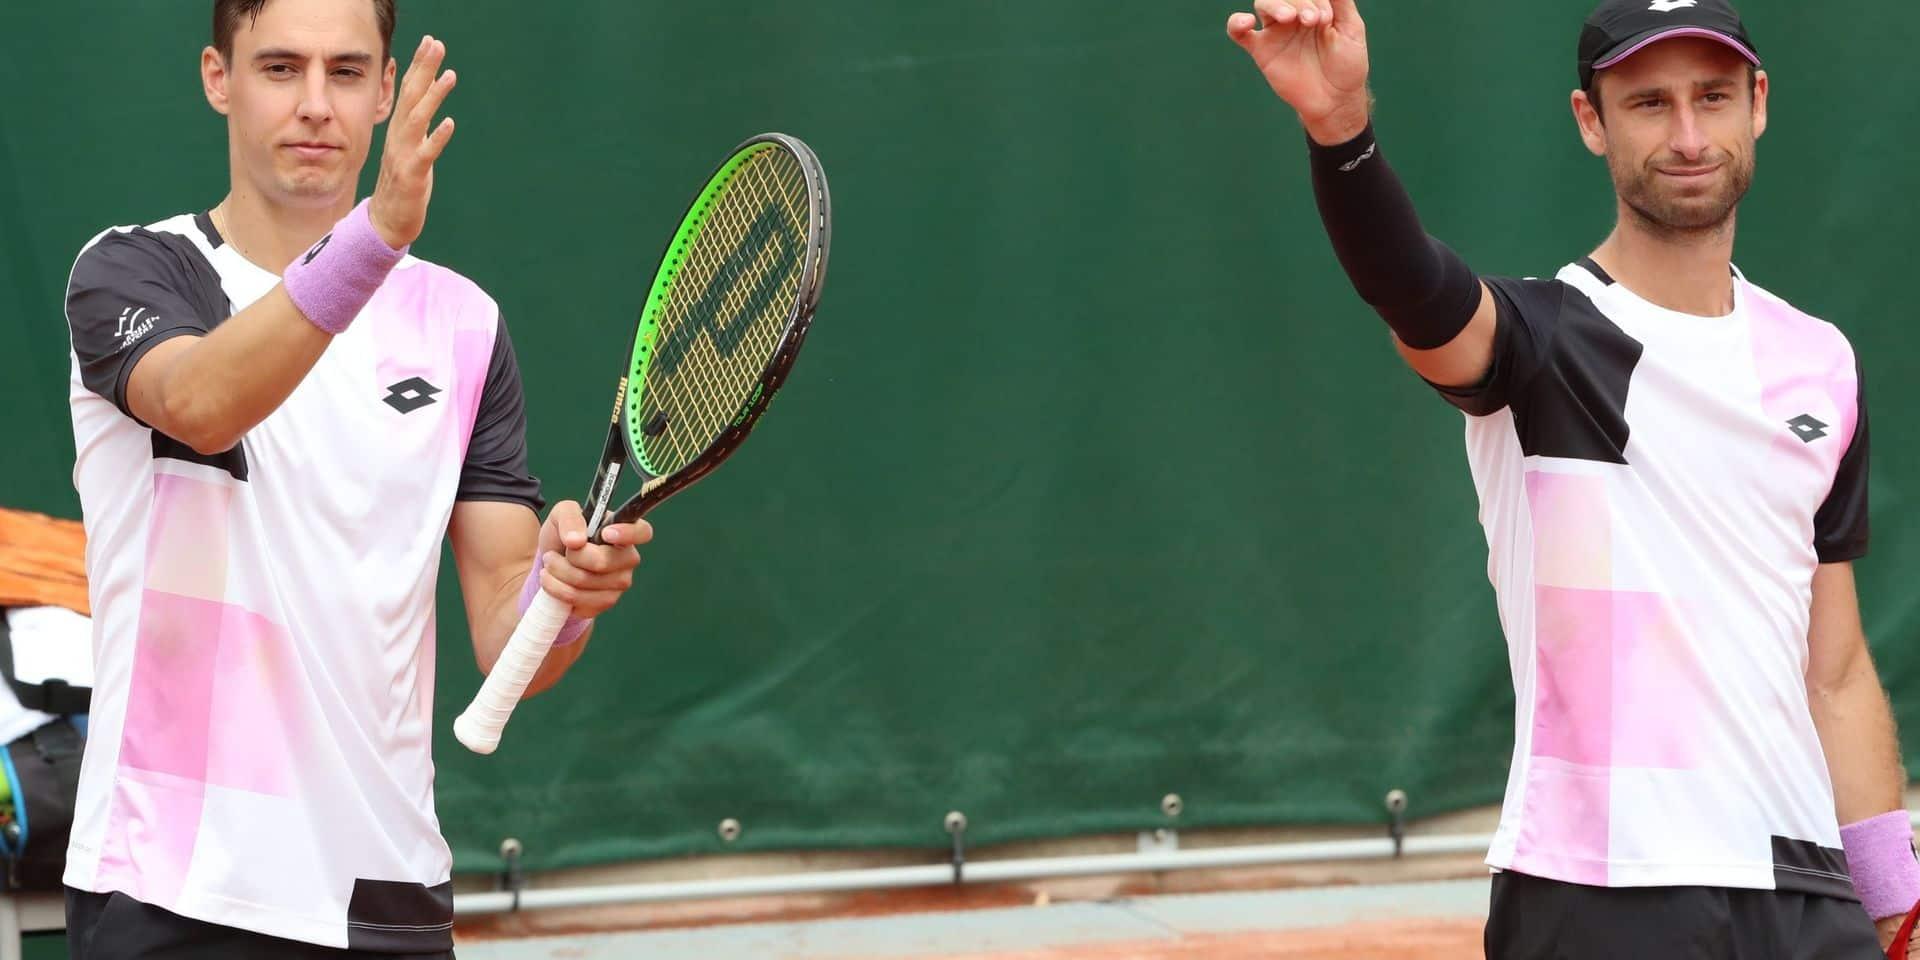 Roland-Garros: Sander Gillé et Joran Vliegen en 8e de finale du double messieurs, Elise Mertens qualifiée pour les huitièmes de finale